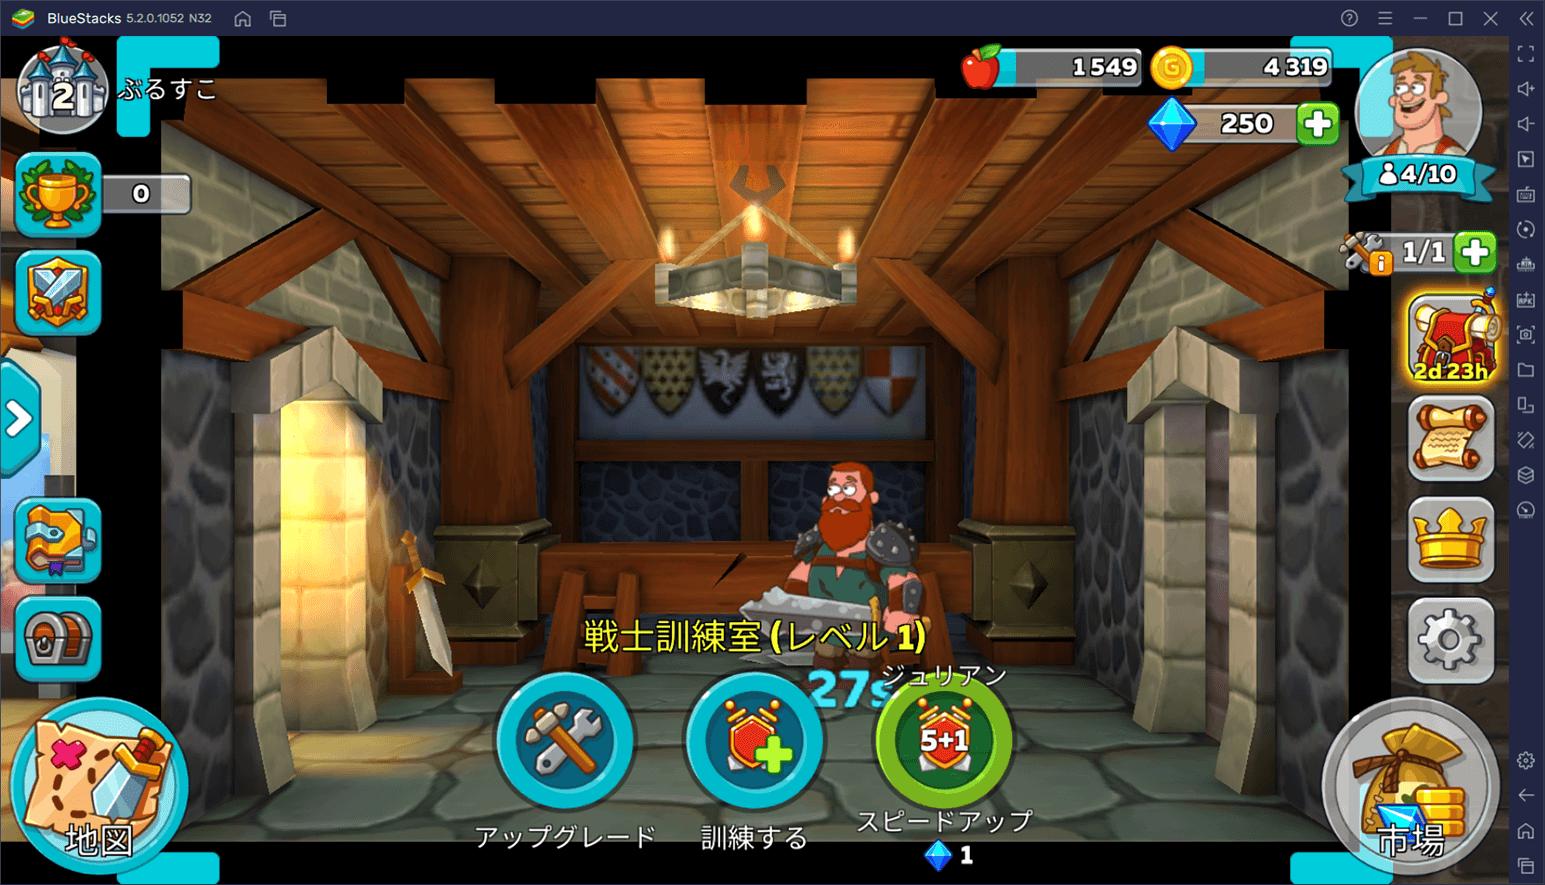 BlueStacksを使ってPCで『Hustle Castle – アイドルシェルターの英雄』を遊ぼう